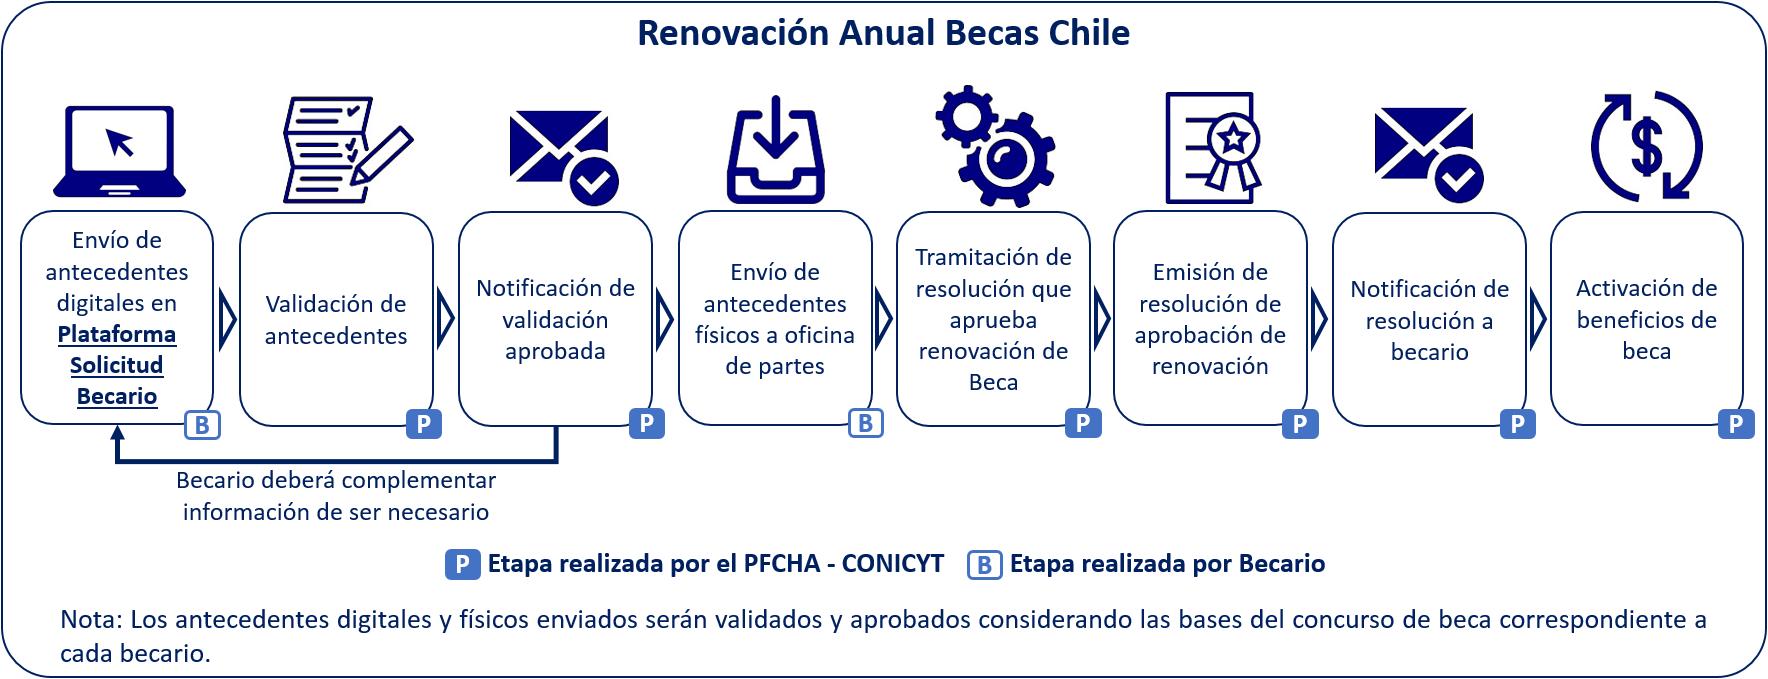 vf_renovacionbcl